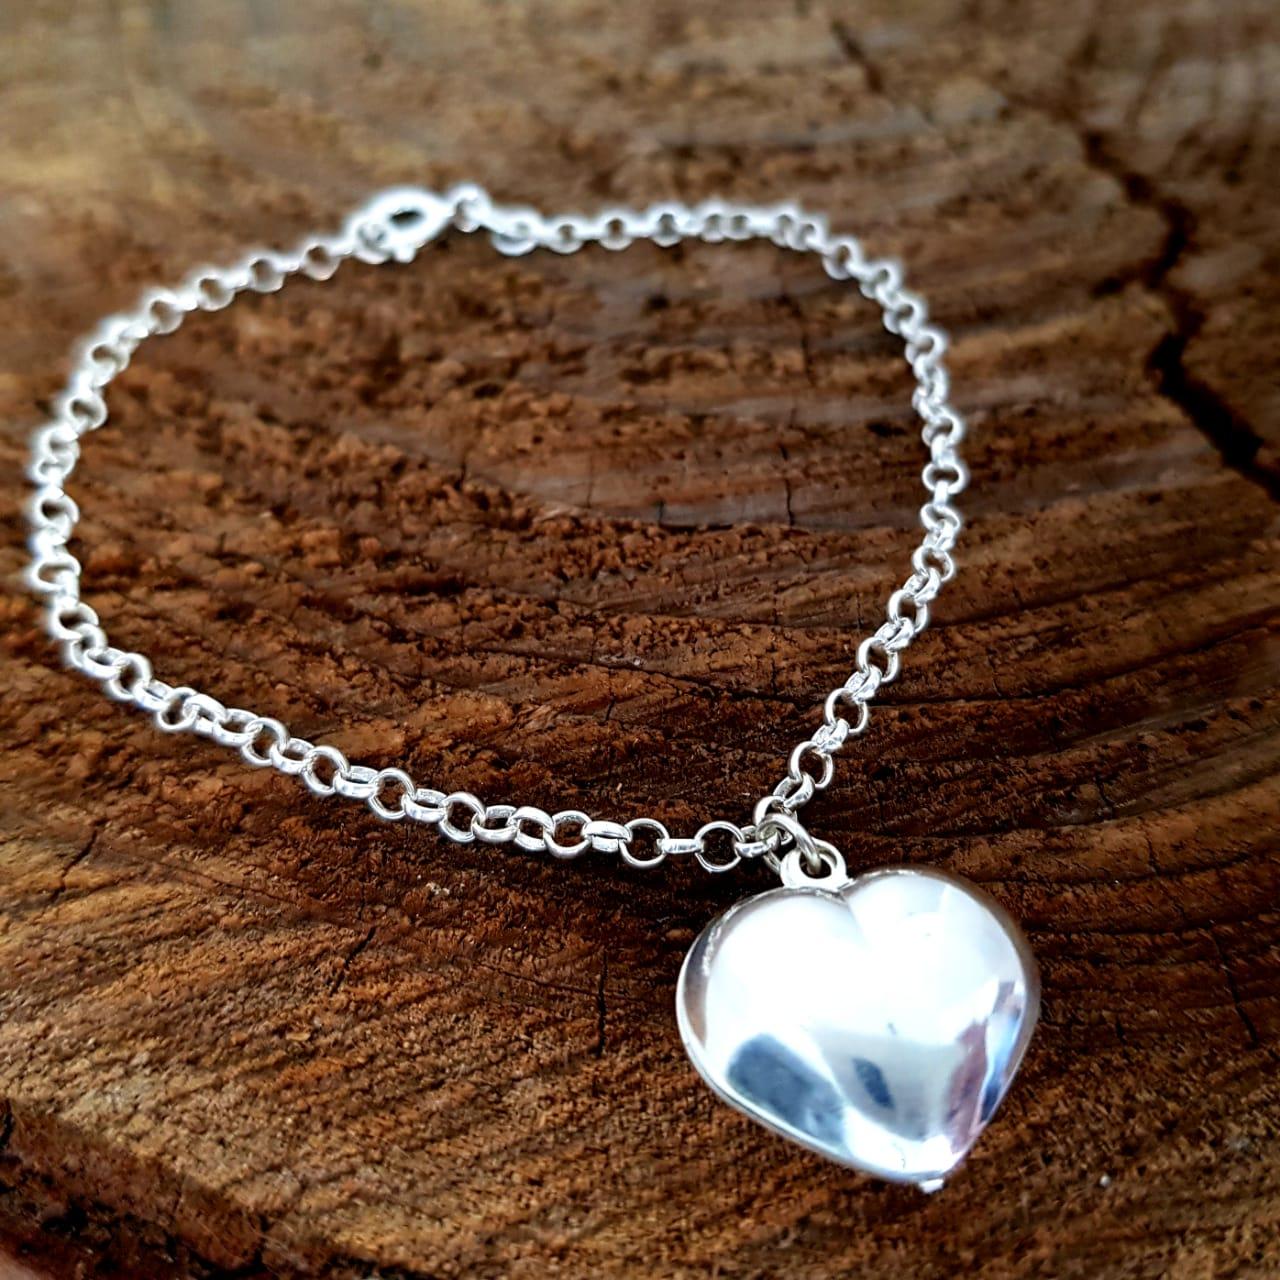 Pulseira de Prata Elos de Aros com Penduricalho Coração